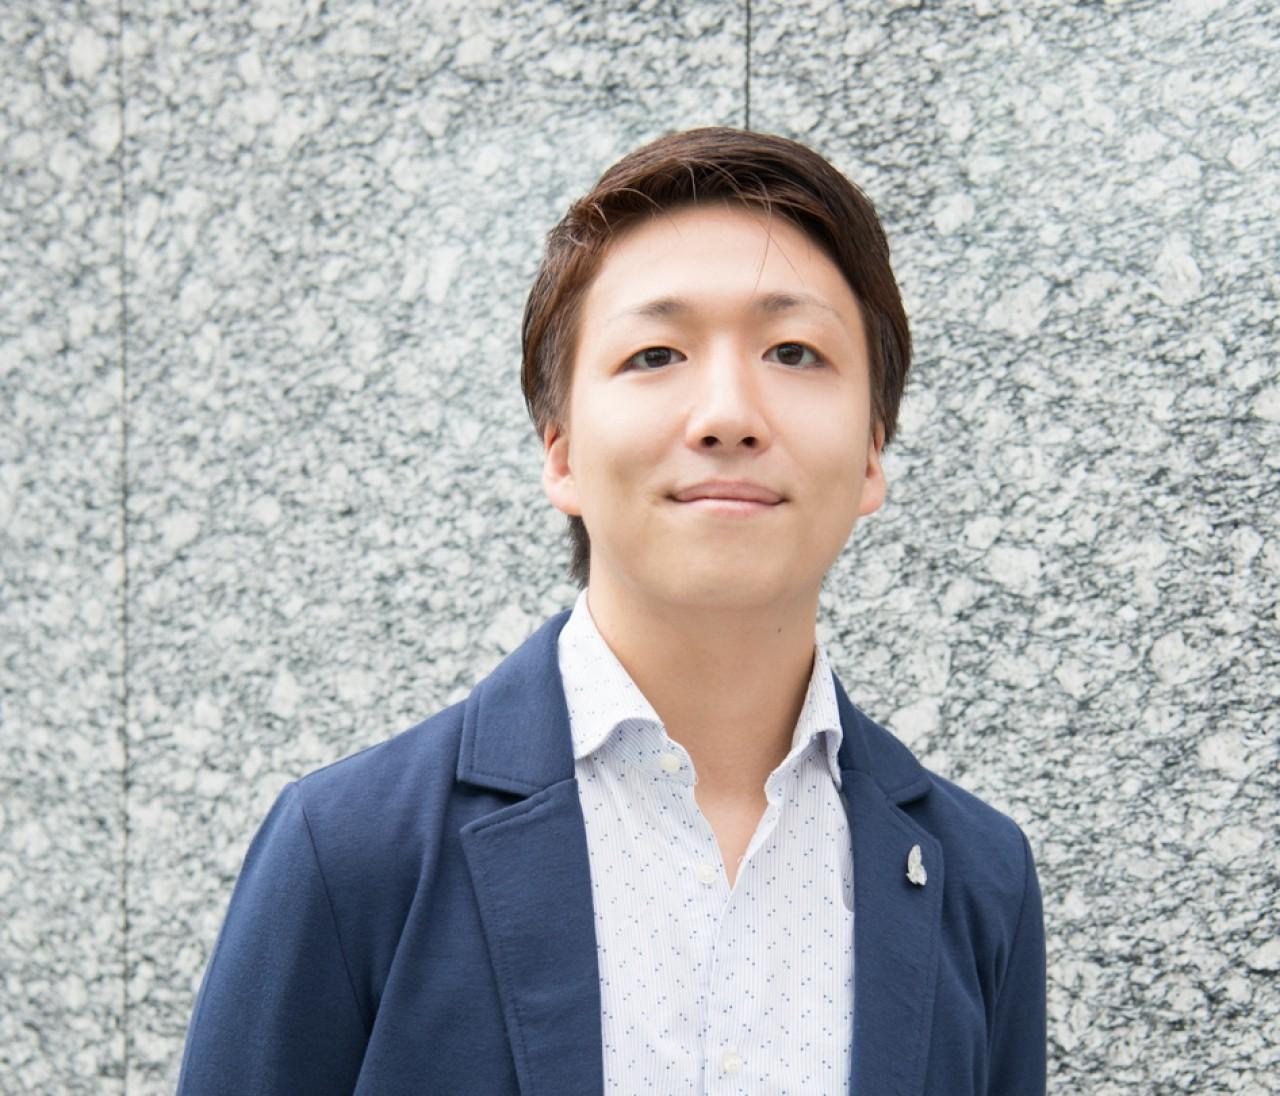 大注目の若手女方・中村米吉さんが登場!!【まんぼう部長の歌舞伎沼への誘い♯06】